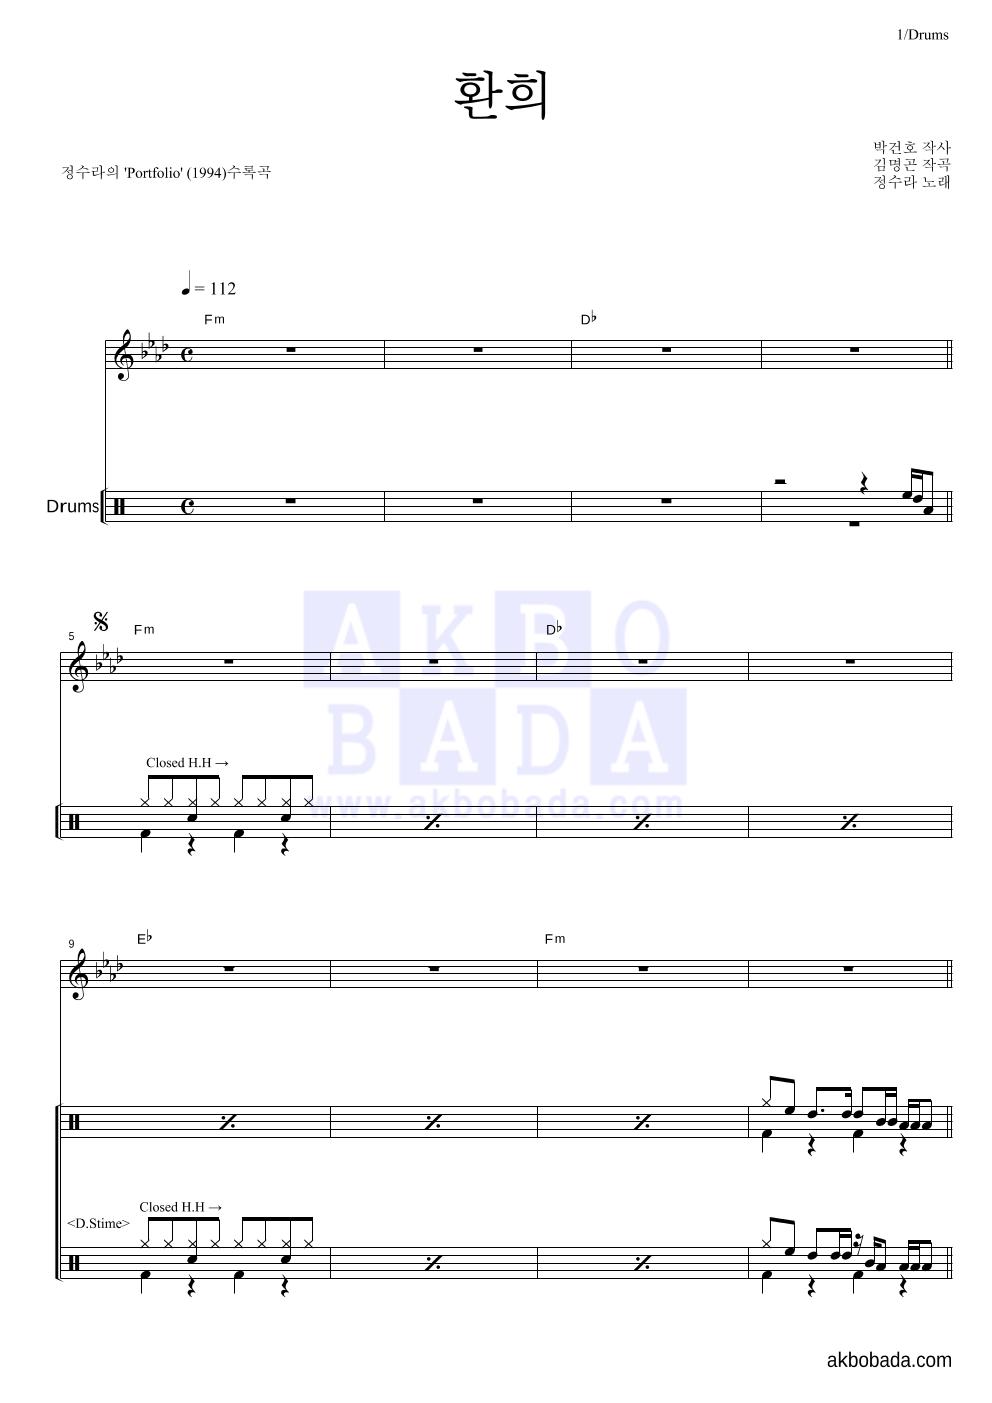 정수라 - 환희 드럼 악보